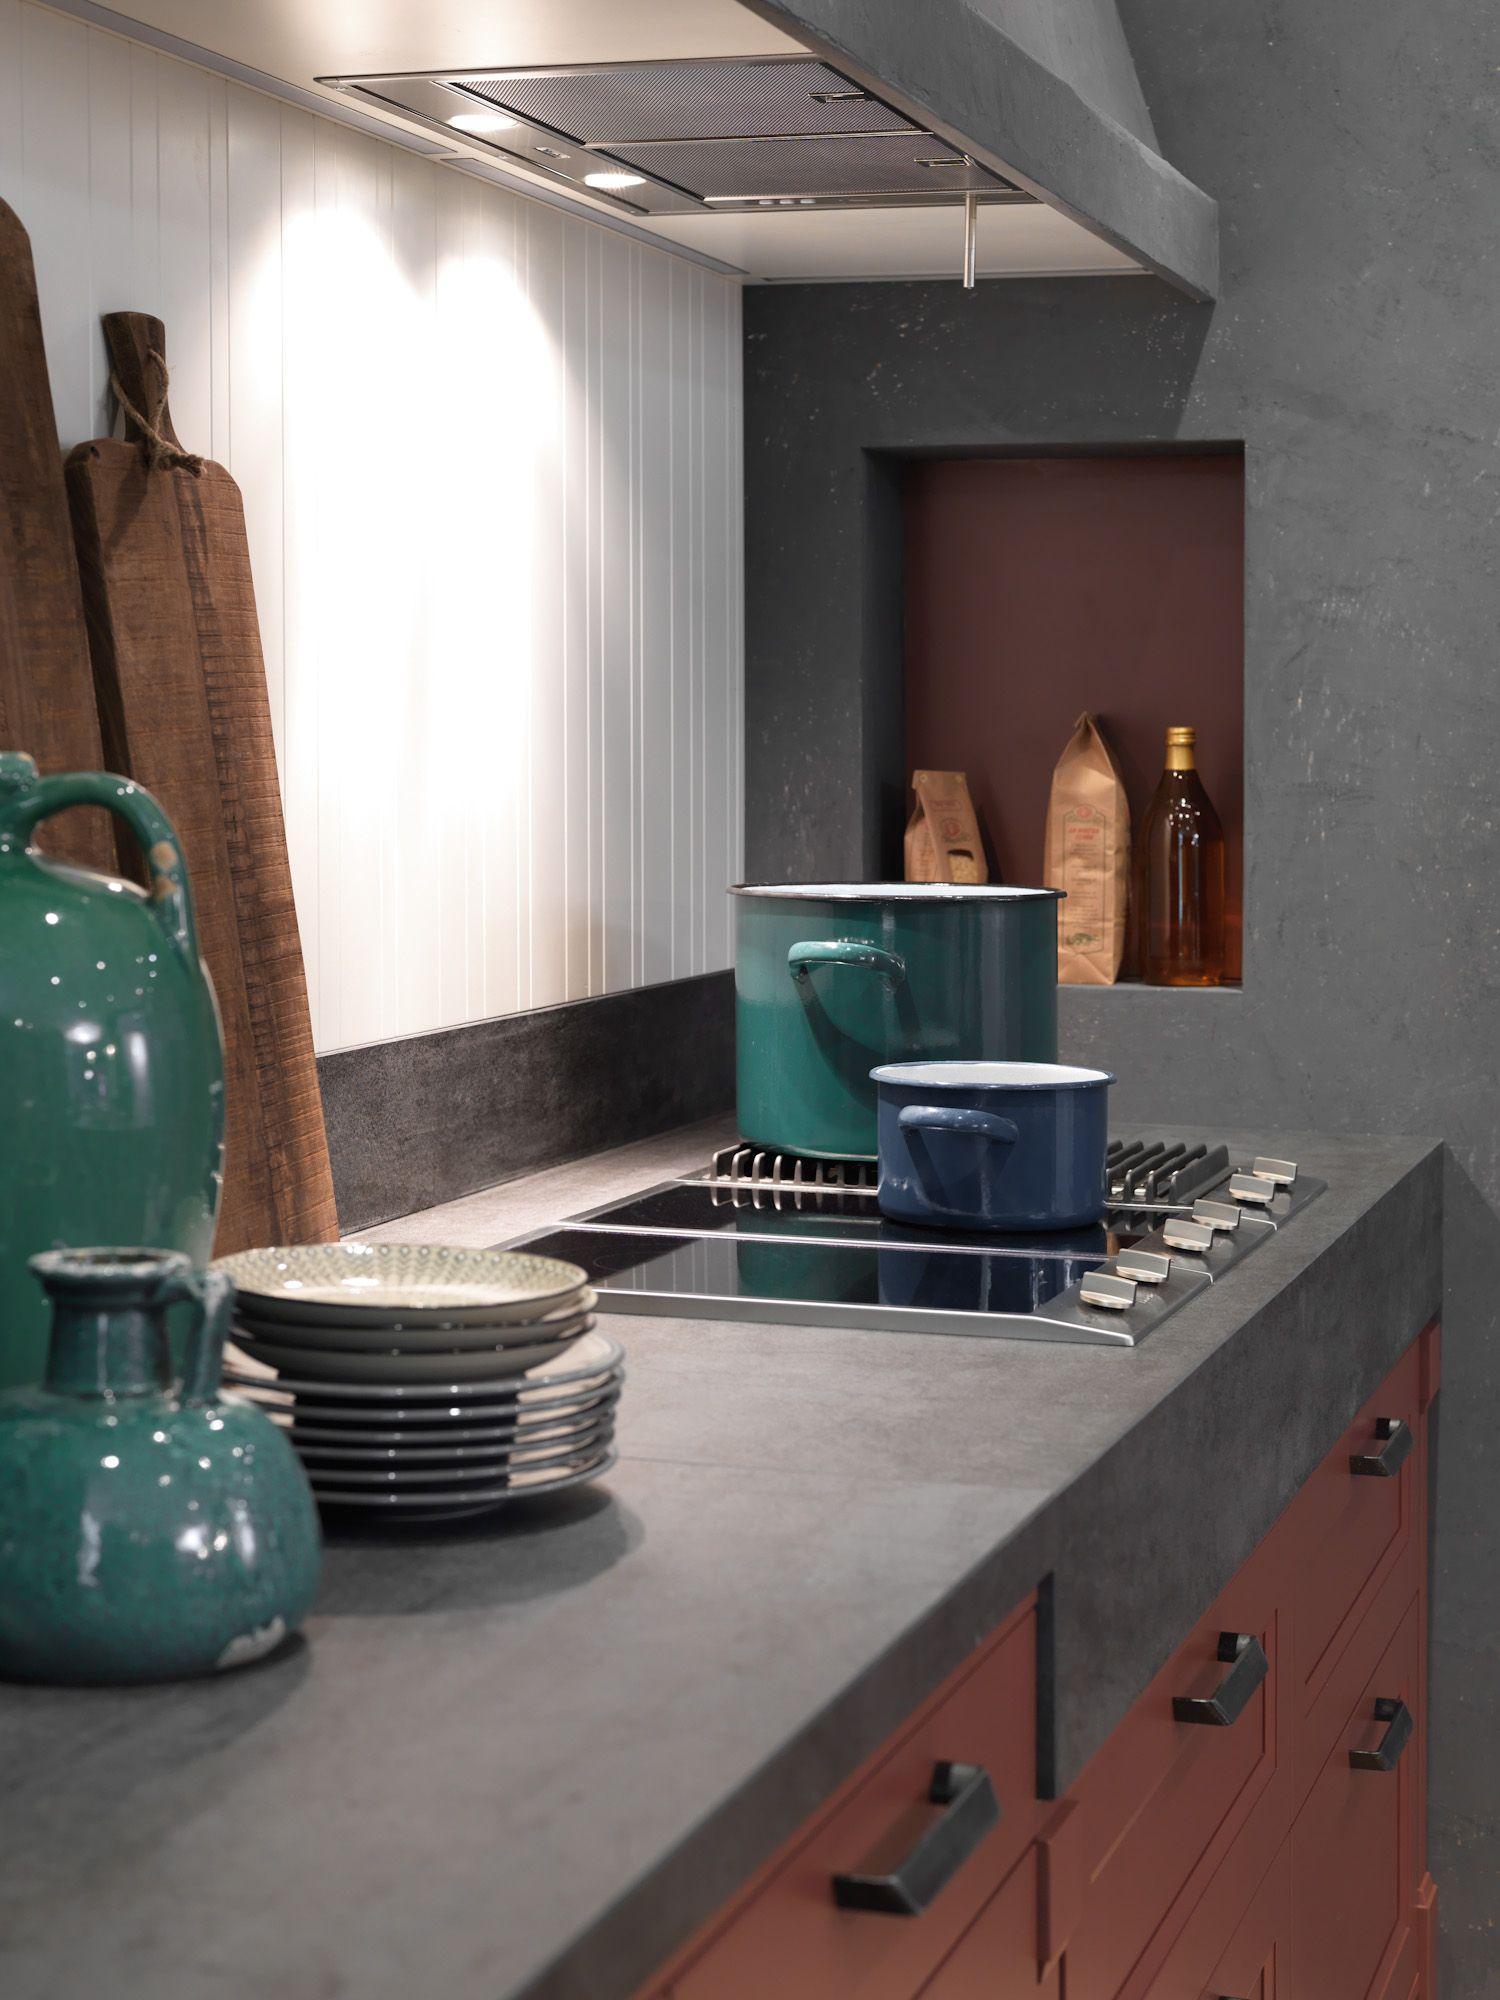 Erfreut Hgtv Lackfarben Für Die Küche Bilder - Küchenschrank Ideen ...